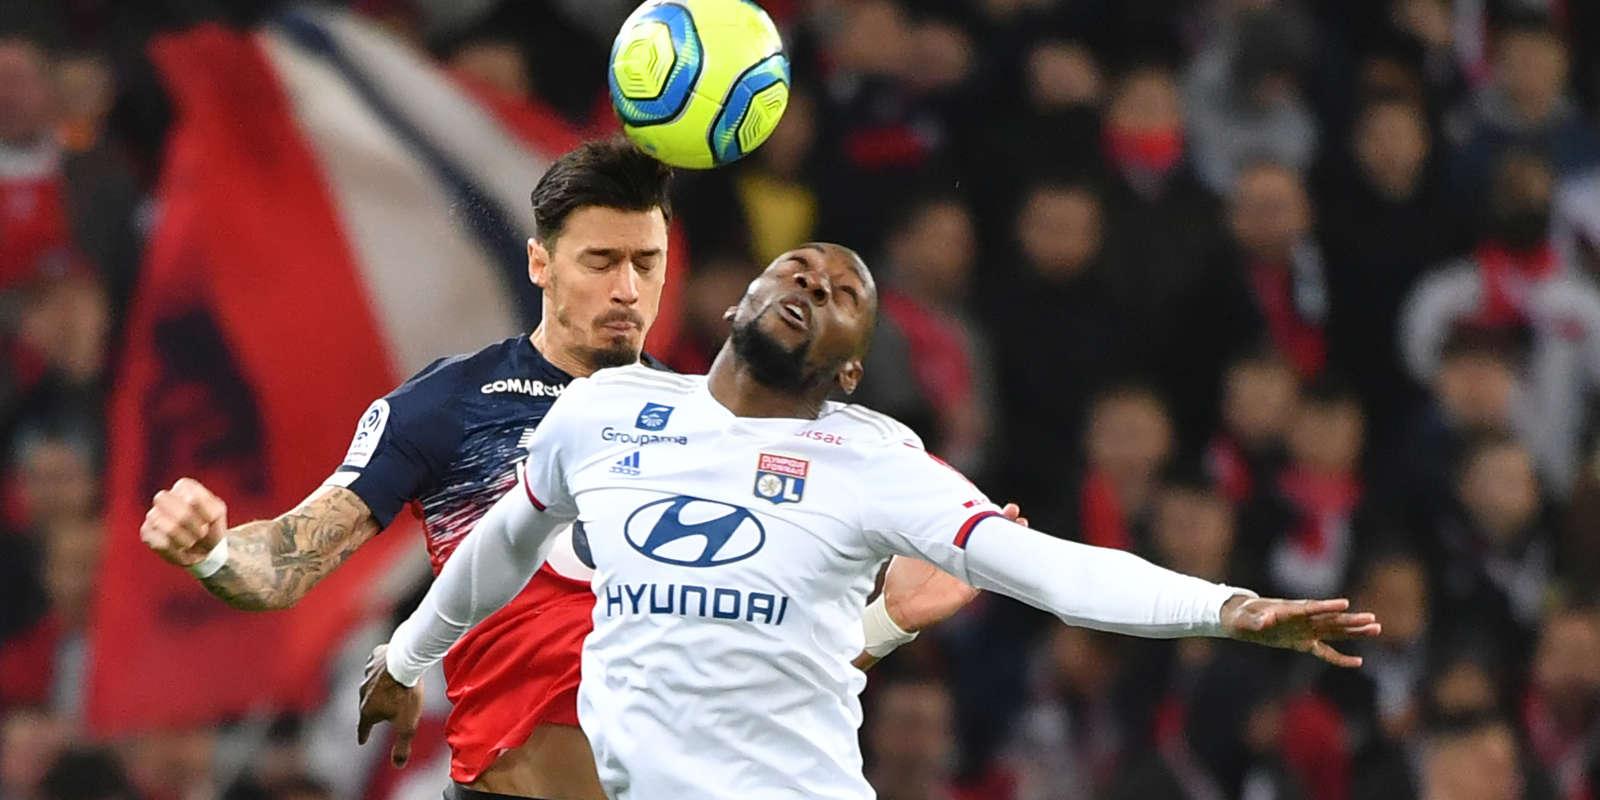 Le défenseur lillois Jose Miguel Da Rocha Fonte conteste le ballon à l'attaquant lyonnaisKarl Toko Ekambi, au stade Pierre-Mauroy, à Villeneuve-d'Ascq, le 8 mars 2020.